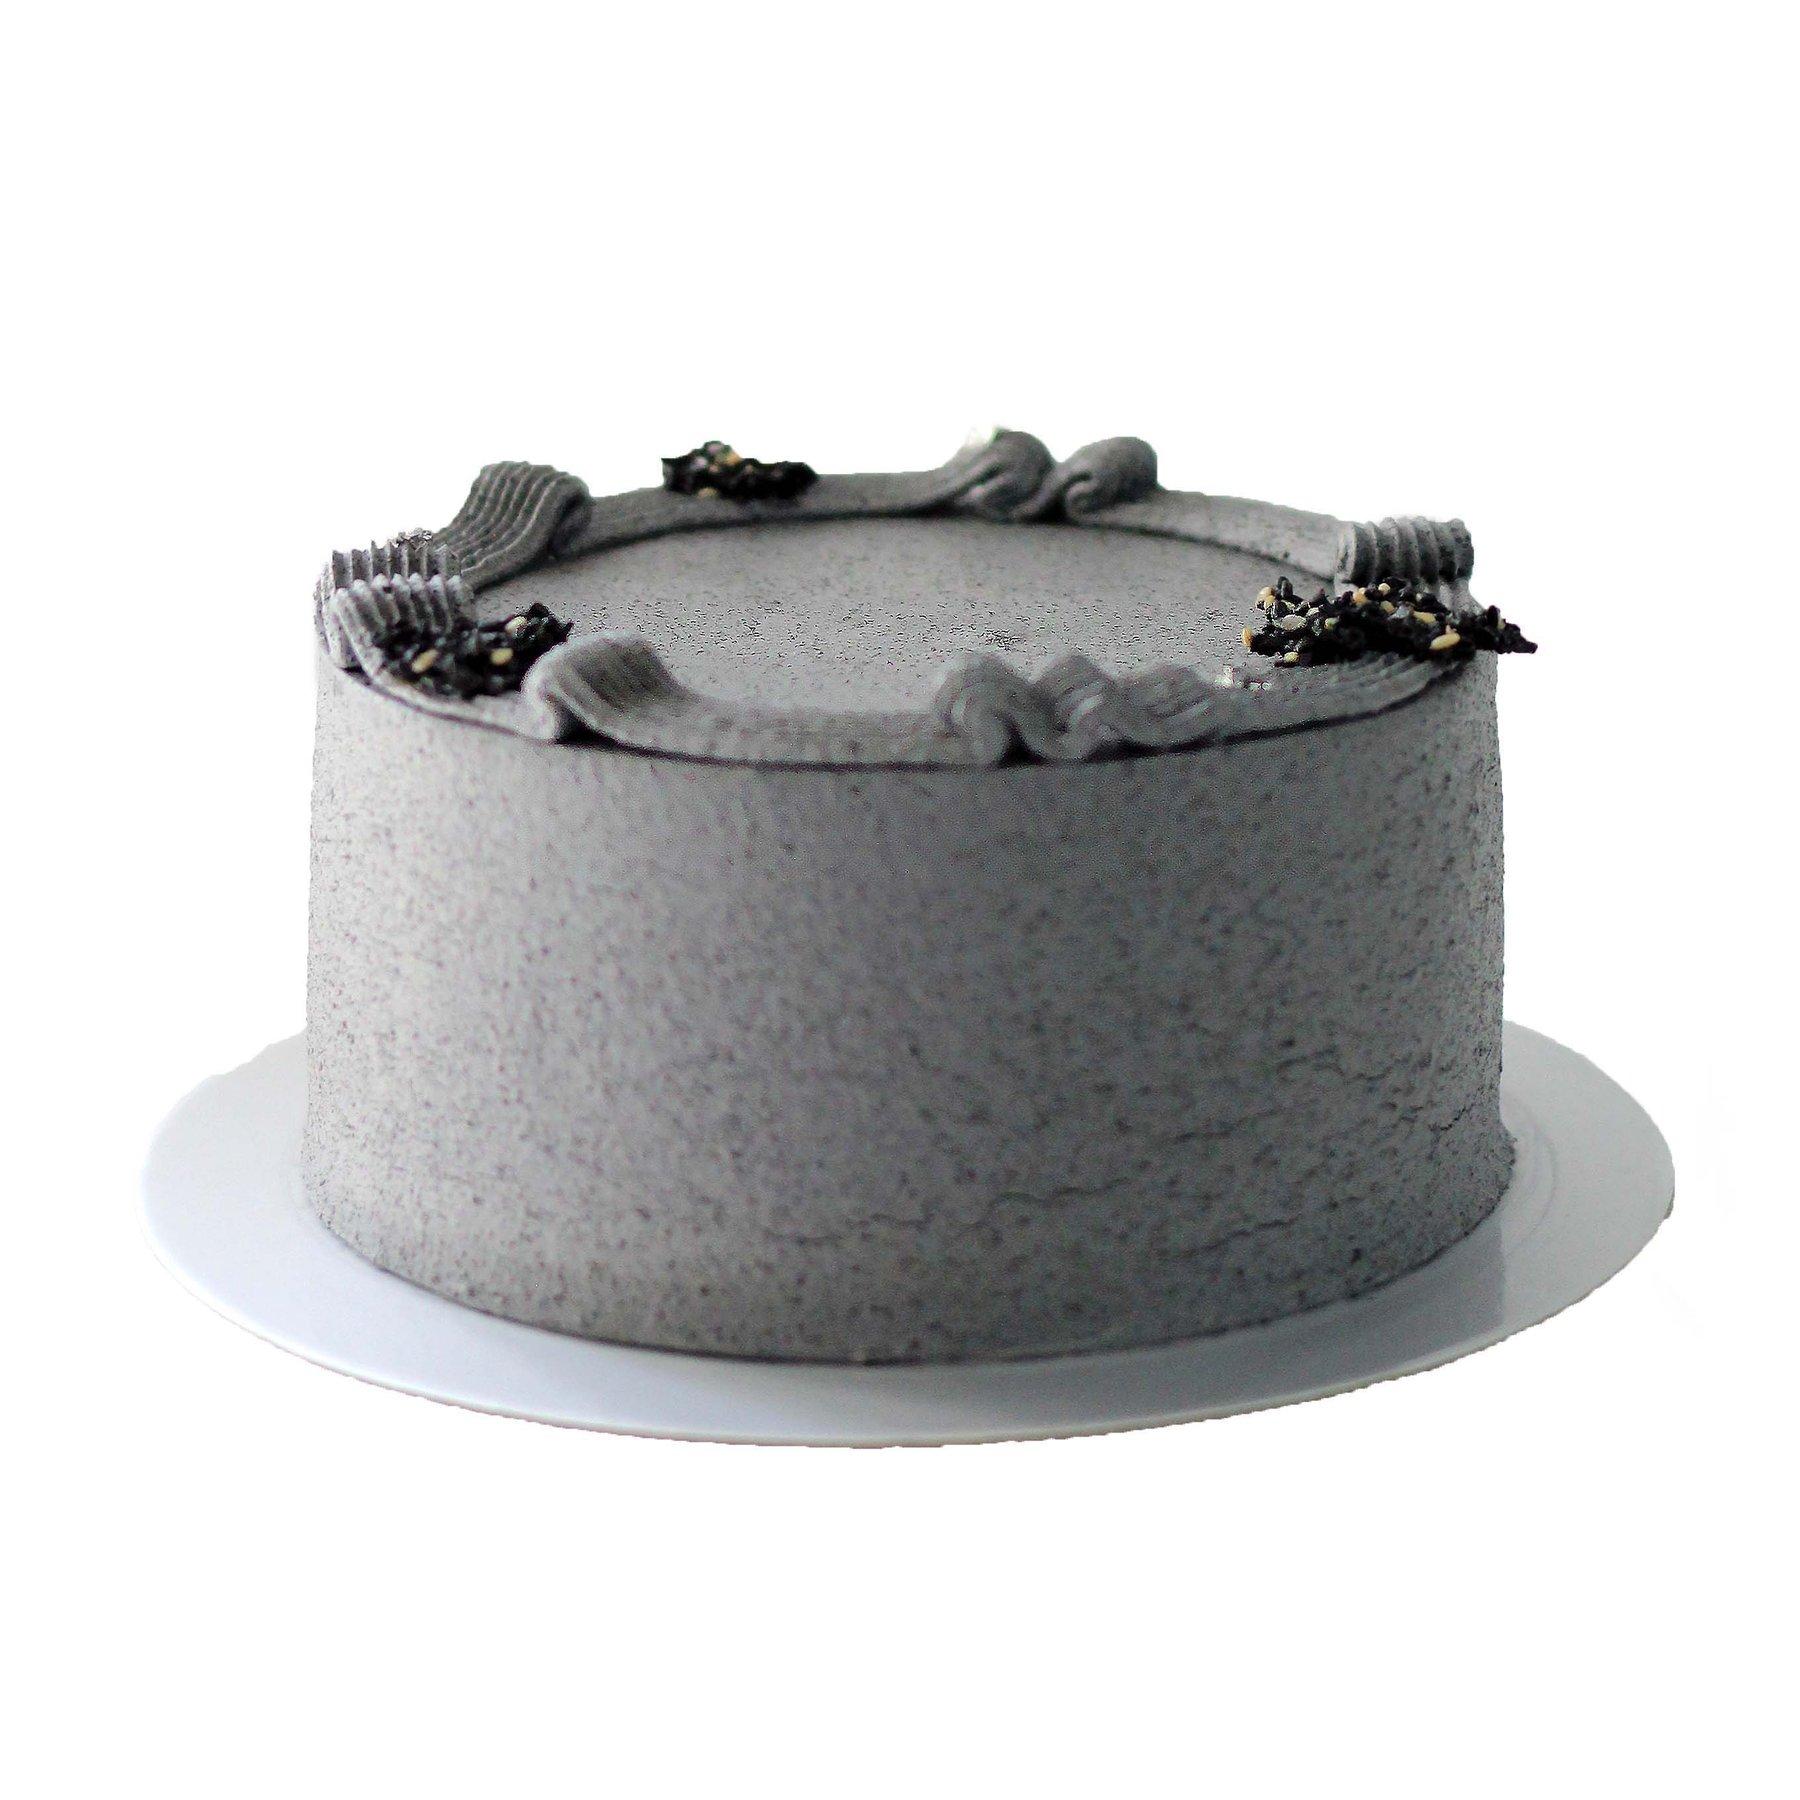 父親節蛋糕2021丨型格限定蛋糕推薦!威士忌酒桶蛋糕丶古董錢七雪糕蛋糕 The